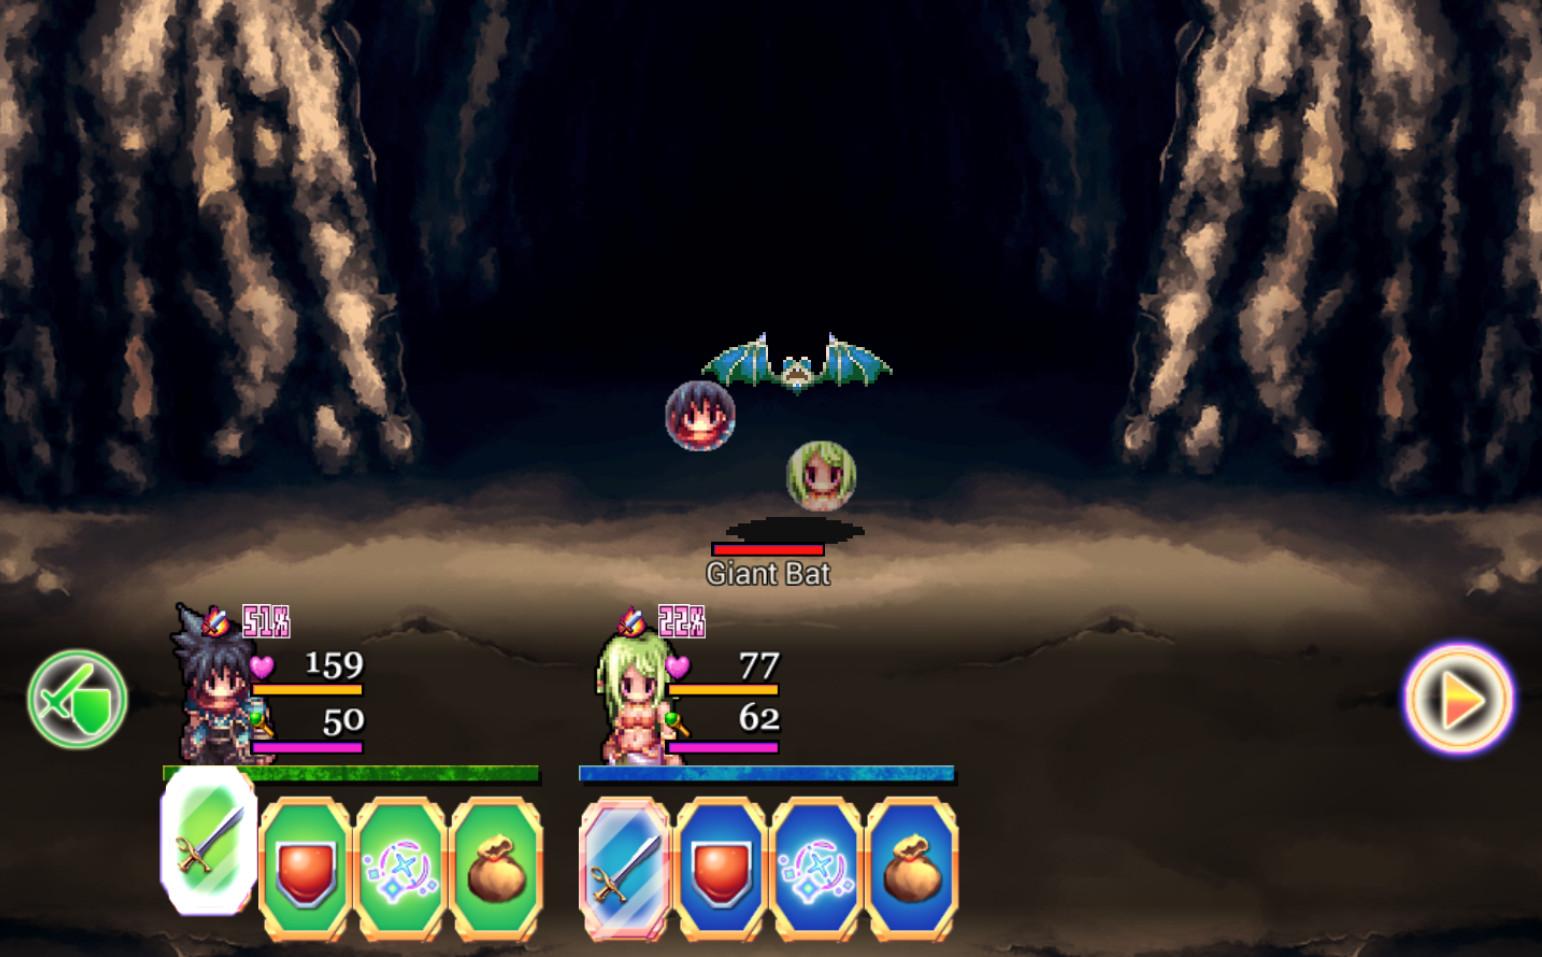 Giochi completi per Android combattimenti